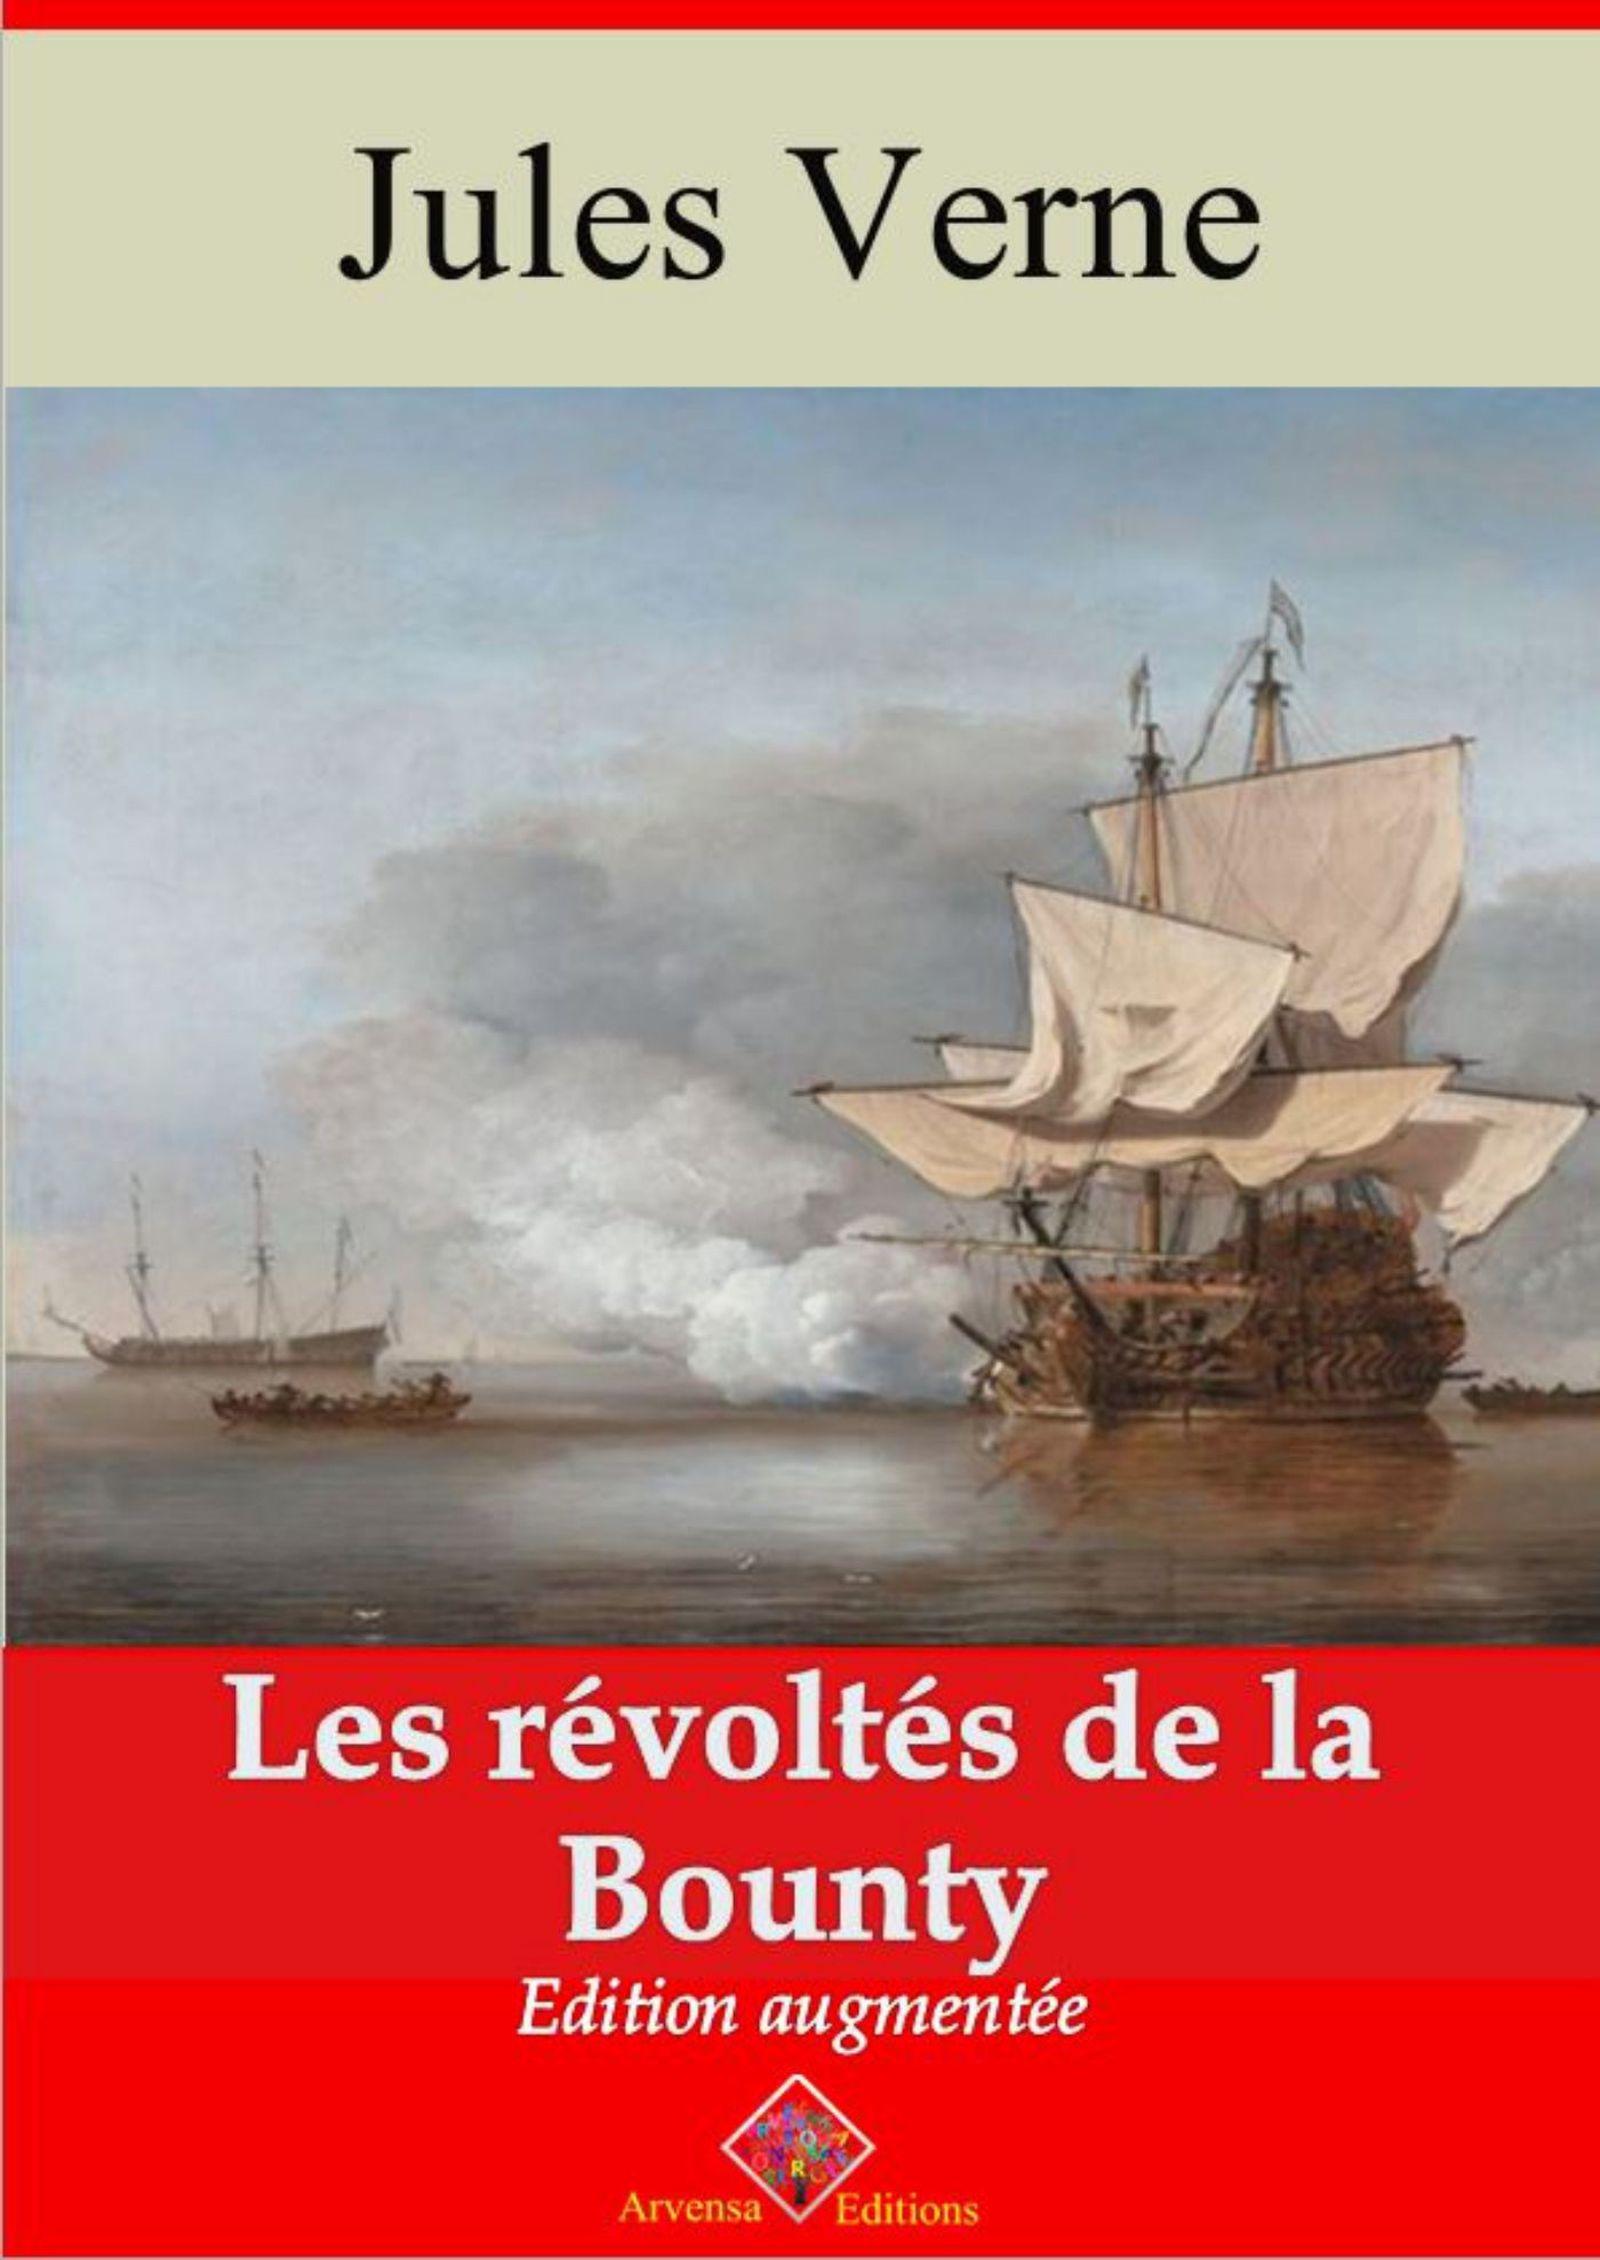 Les Révoltés de la Bounty - suivi d'annexes